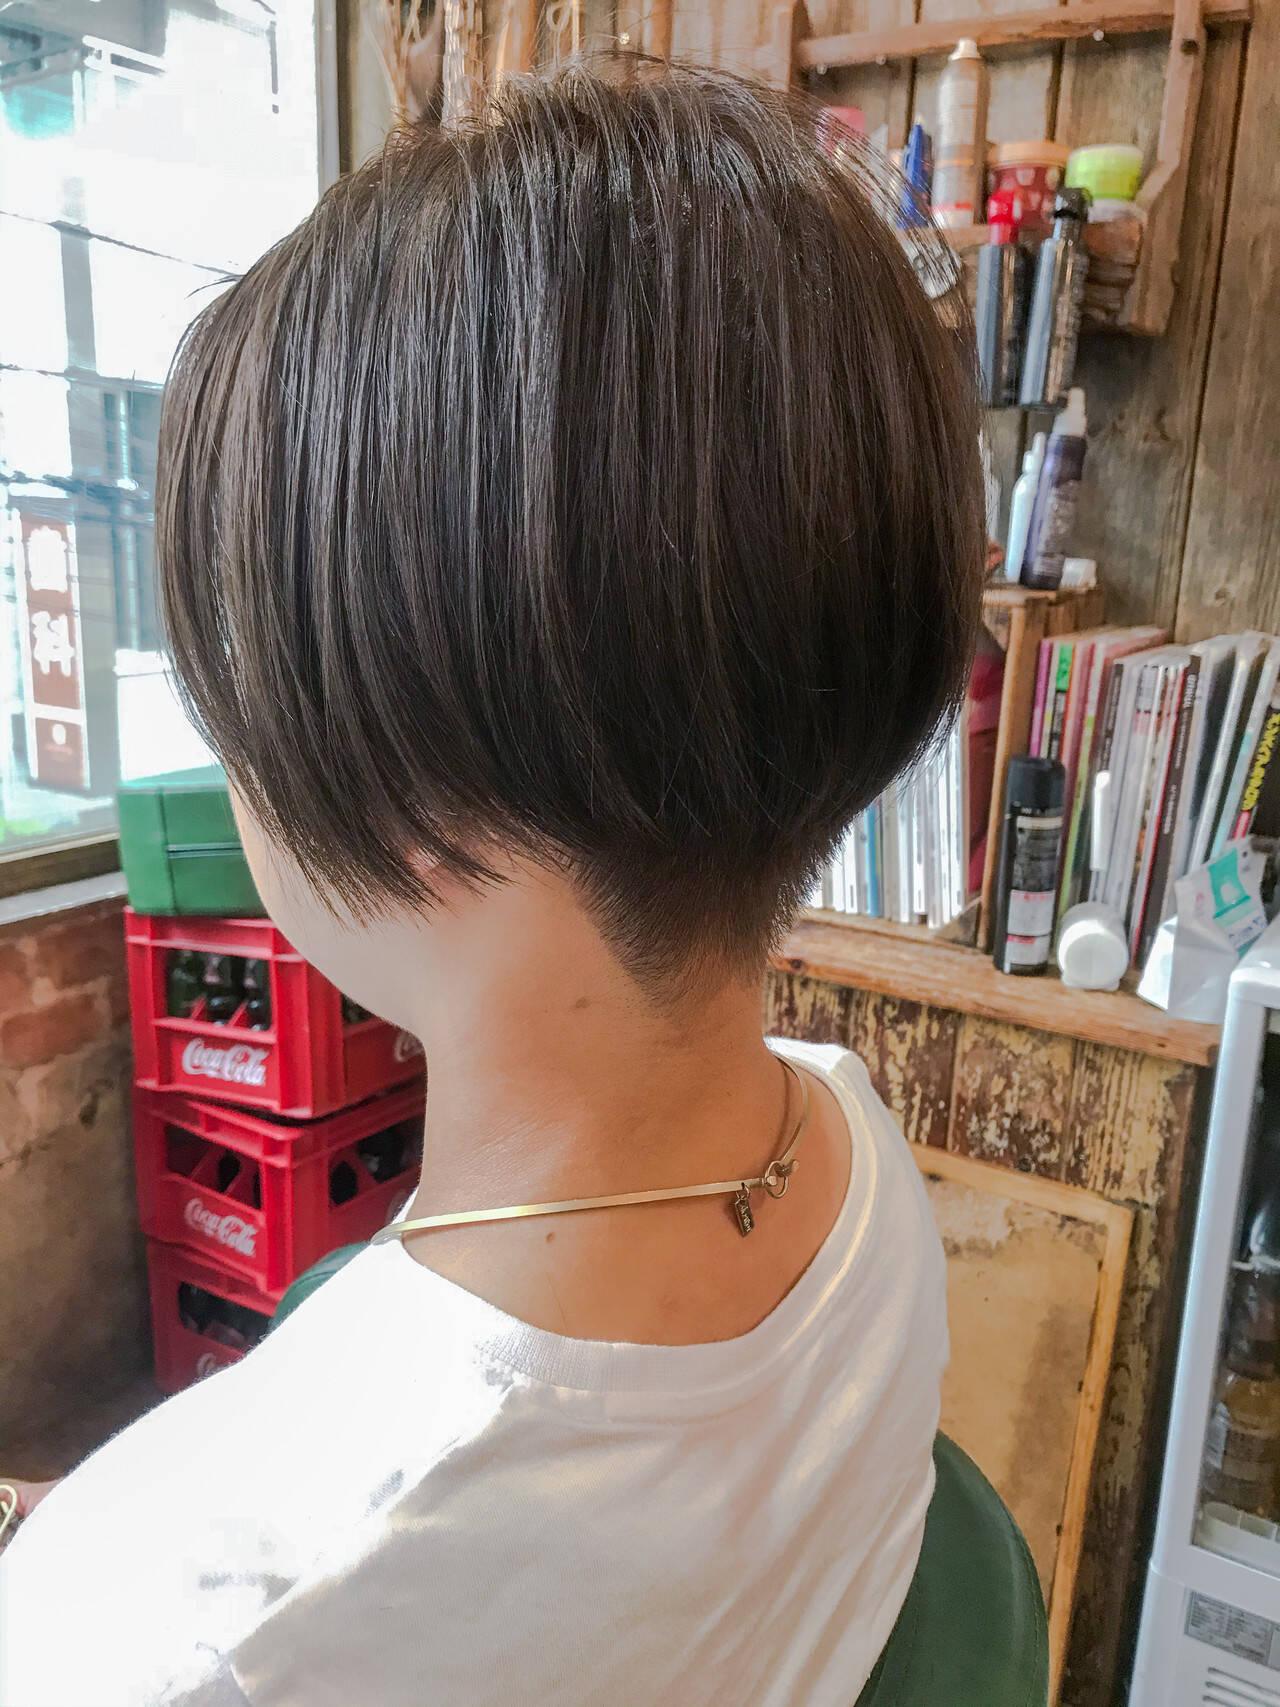 ナチュラル グレージュ ショートボブ ハンサムショートヘアスタイルや髪型の写真・画像